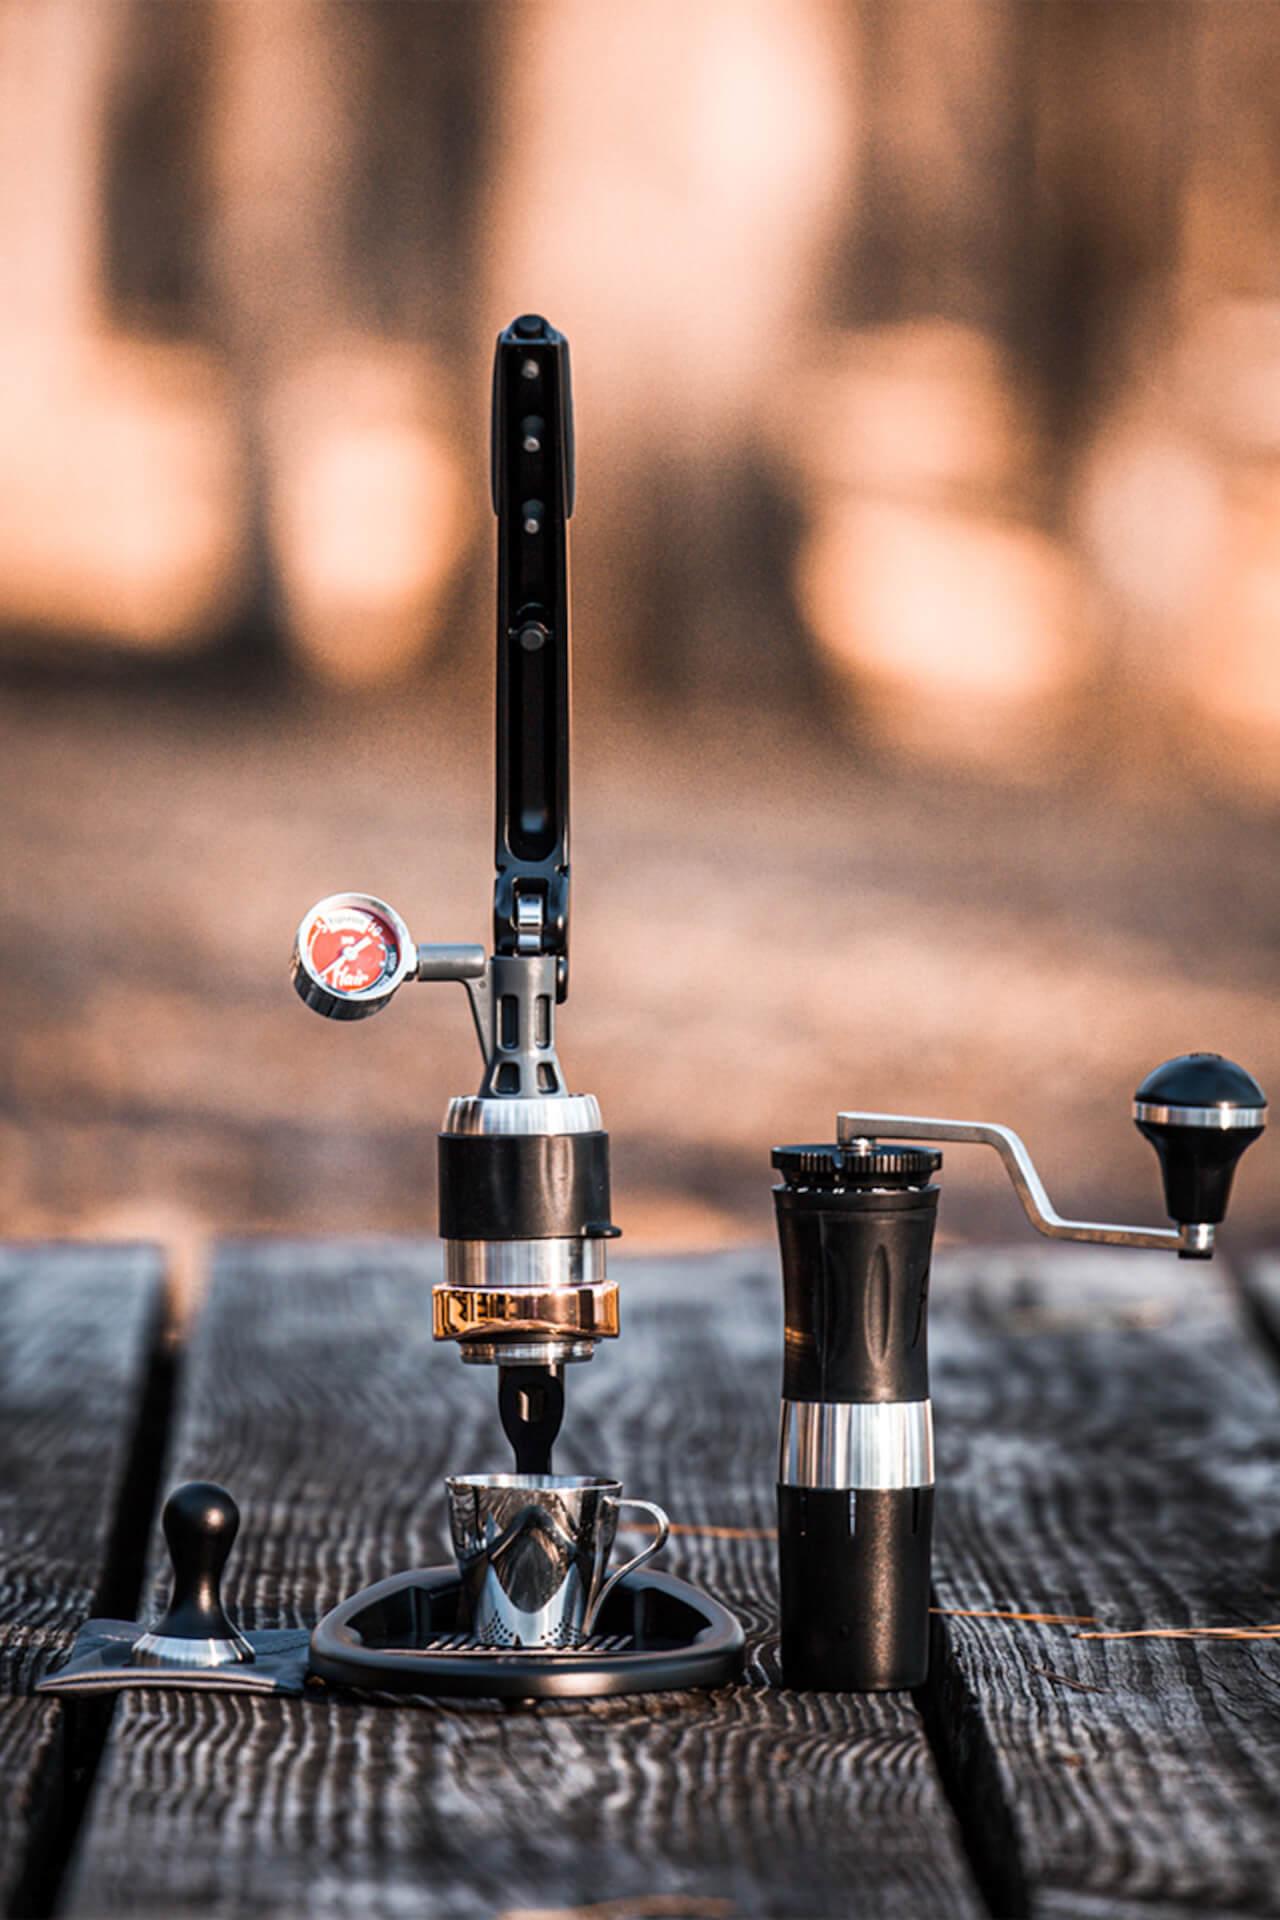 【2021年・コーヒーギア特集】アウトドア&自宅で極上のコーヒータイムを!機能的ギア&厳選コーヒー豆特集 gourmet210303_jeep_coffee_1_2